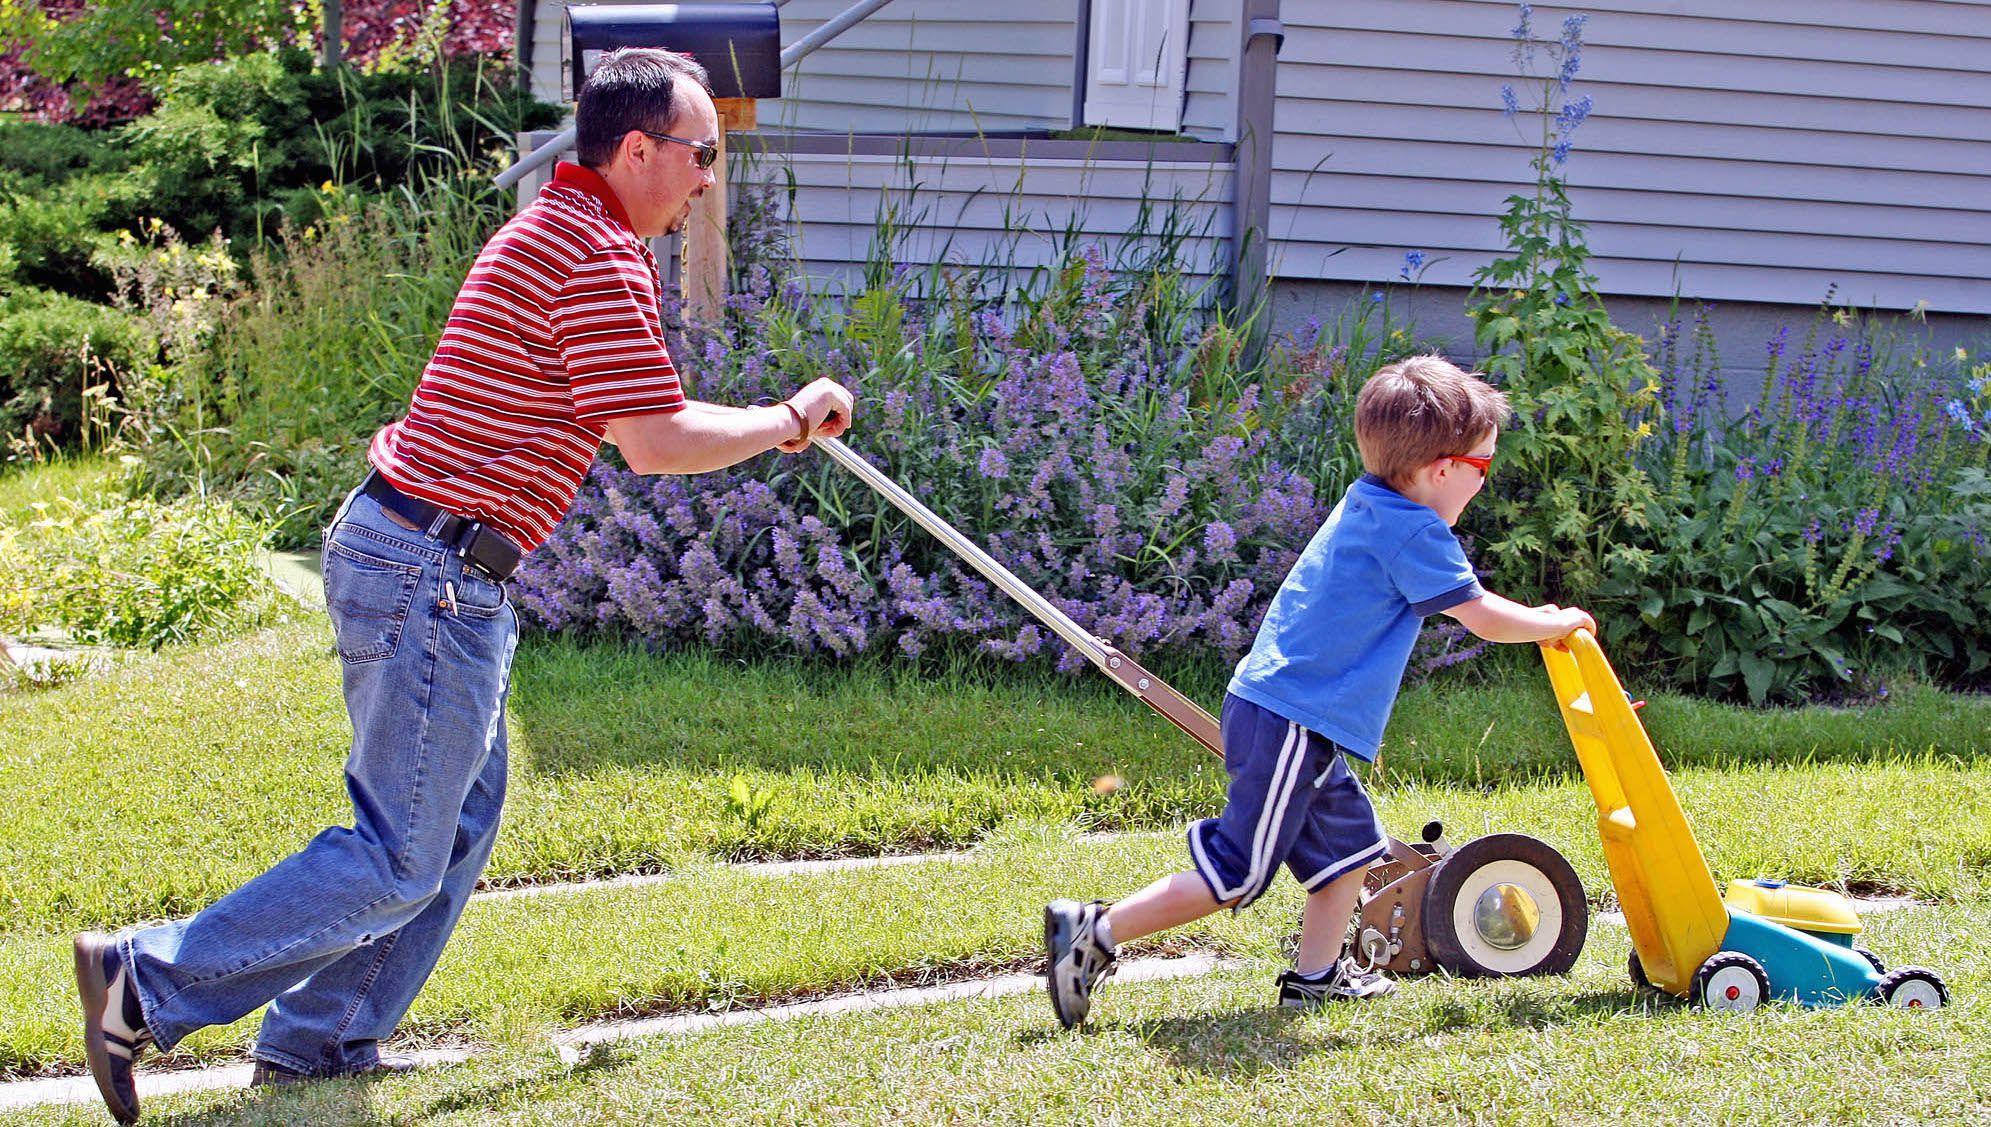 obsessive compulsive lawn care disorder